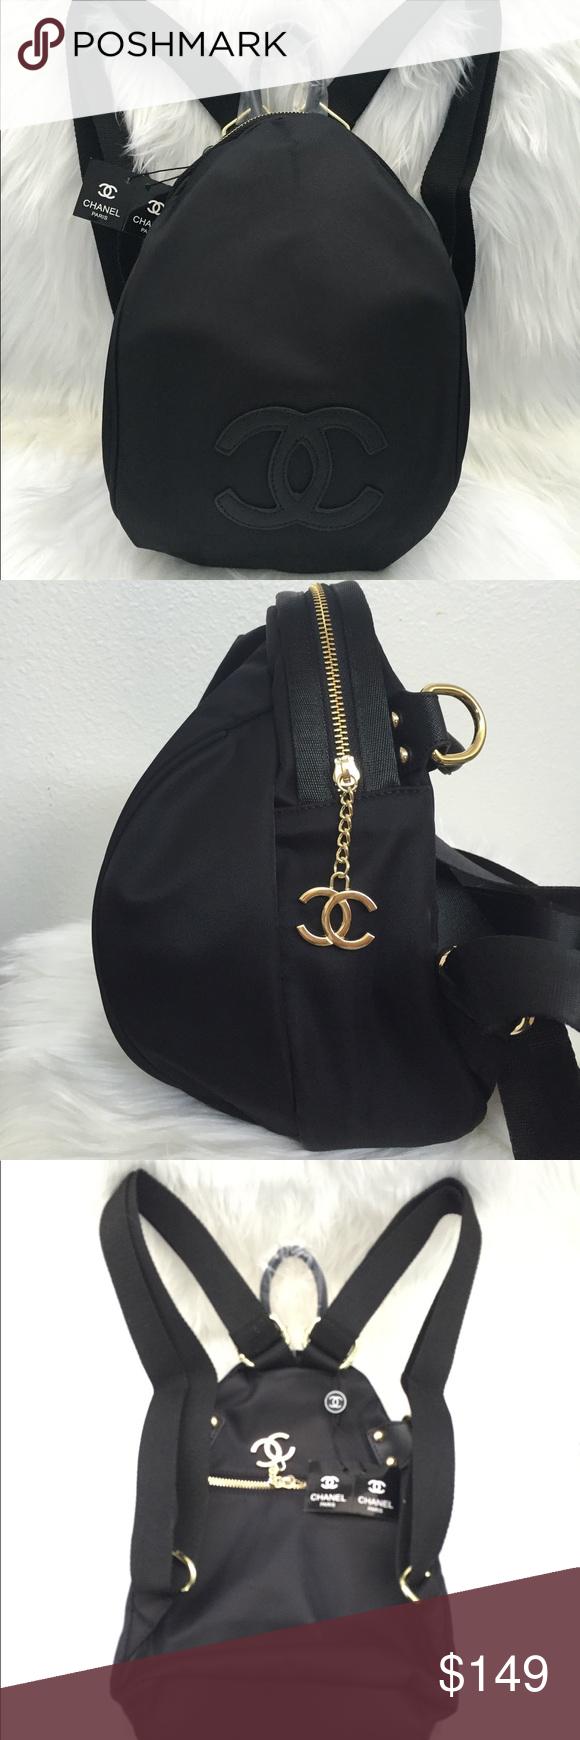 aba5e2366b7e New 2017 Chanel VIP gift backpack cross body bag New Authentic 2017 Chanel  VIP Gift backpack